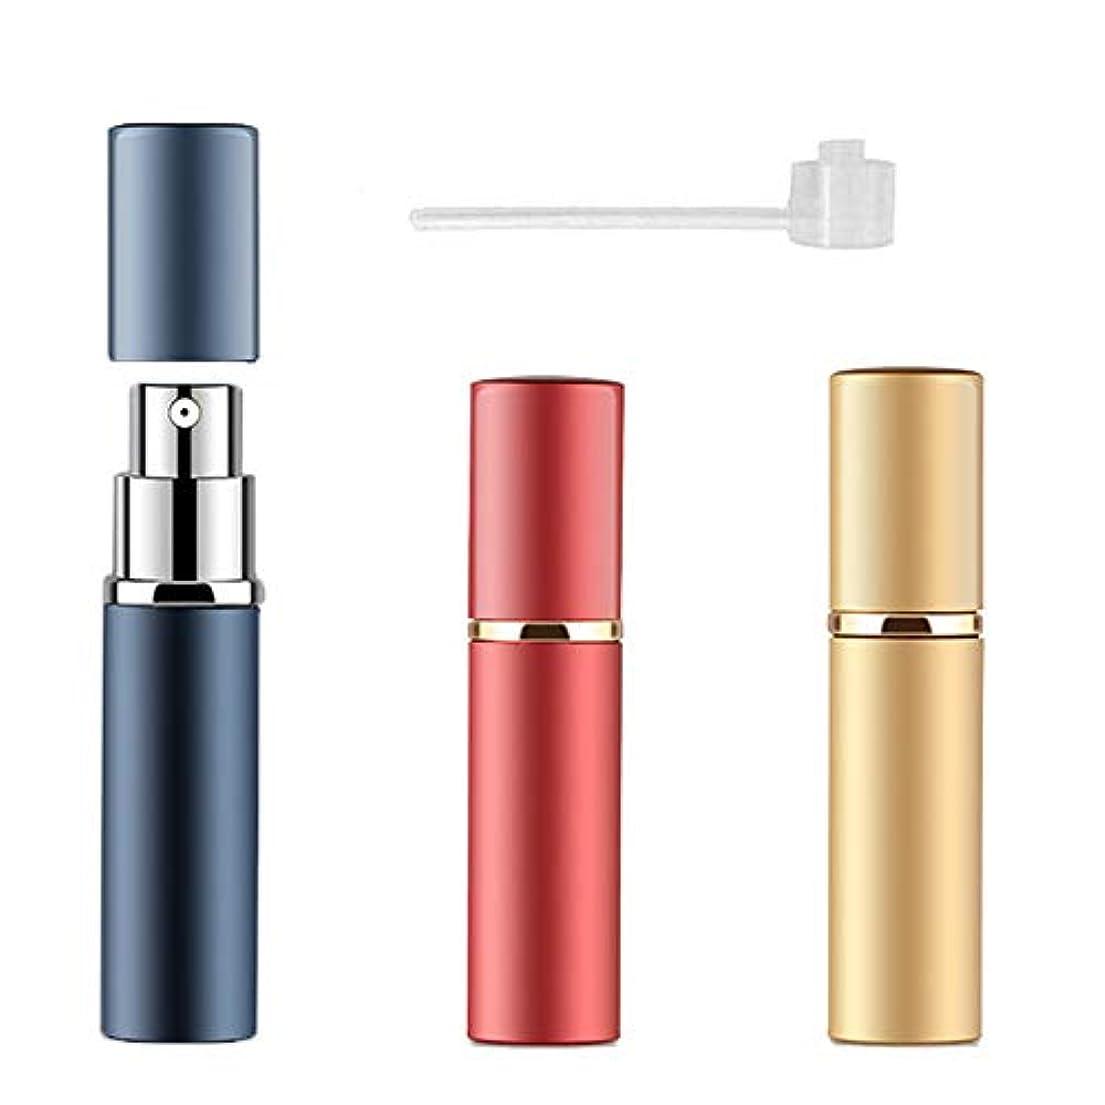 郡シミュレートする文献アトマイザー 香水 詰め替え容器 スプレーボトル 小分けボトル トラベルボトル 旅行携帯便利 (3色セット)